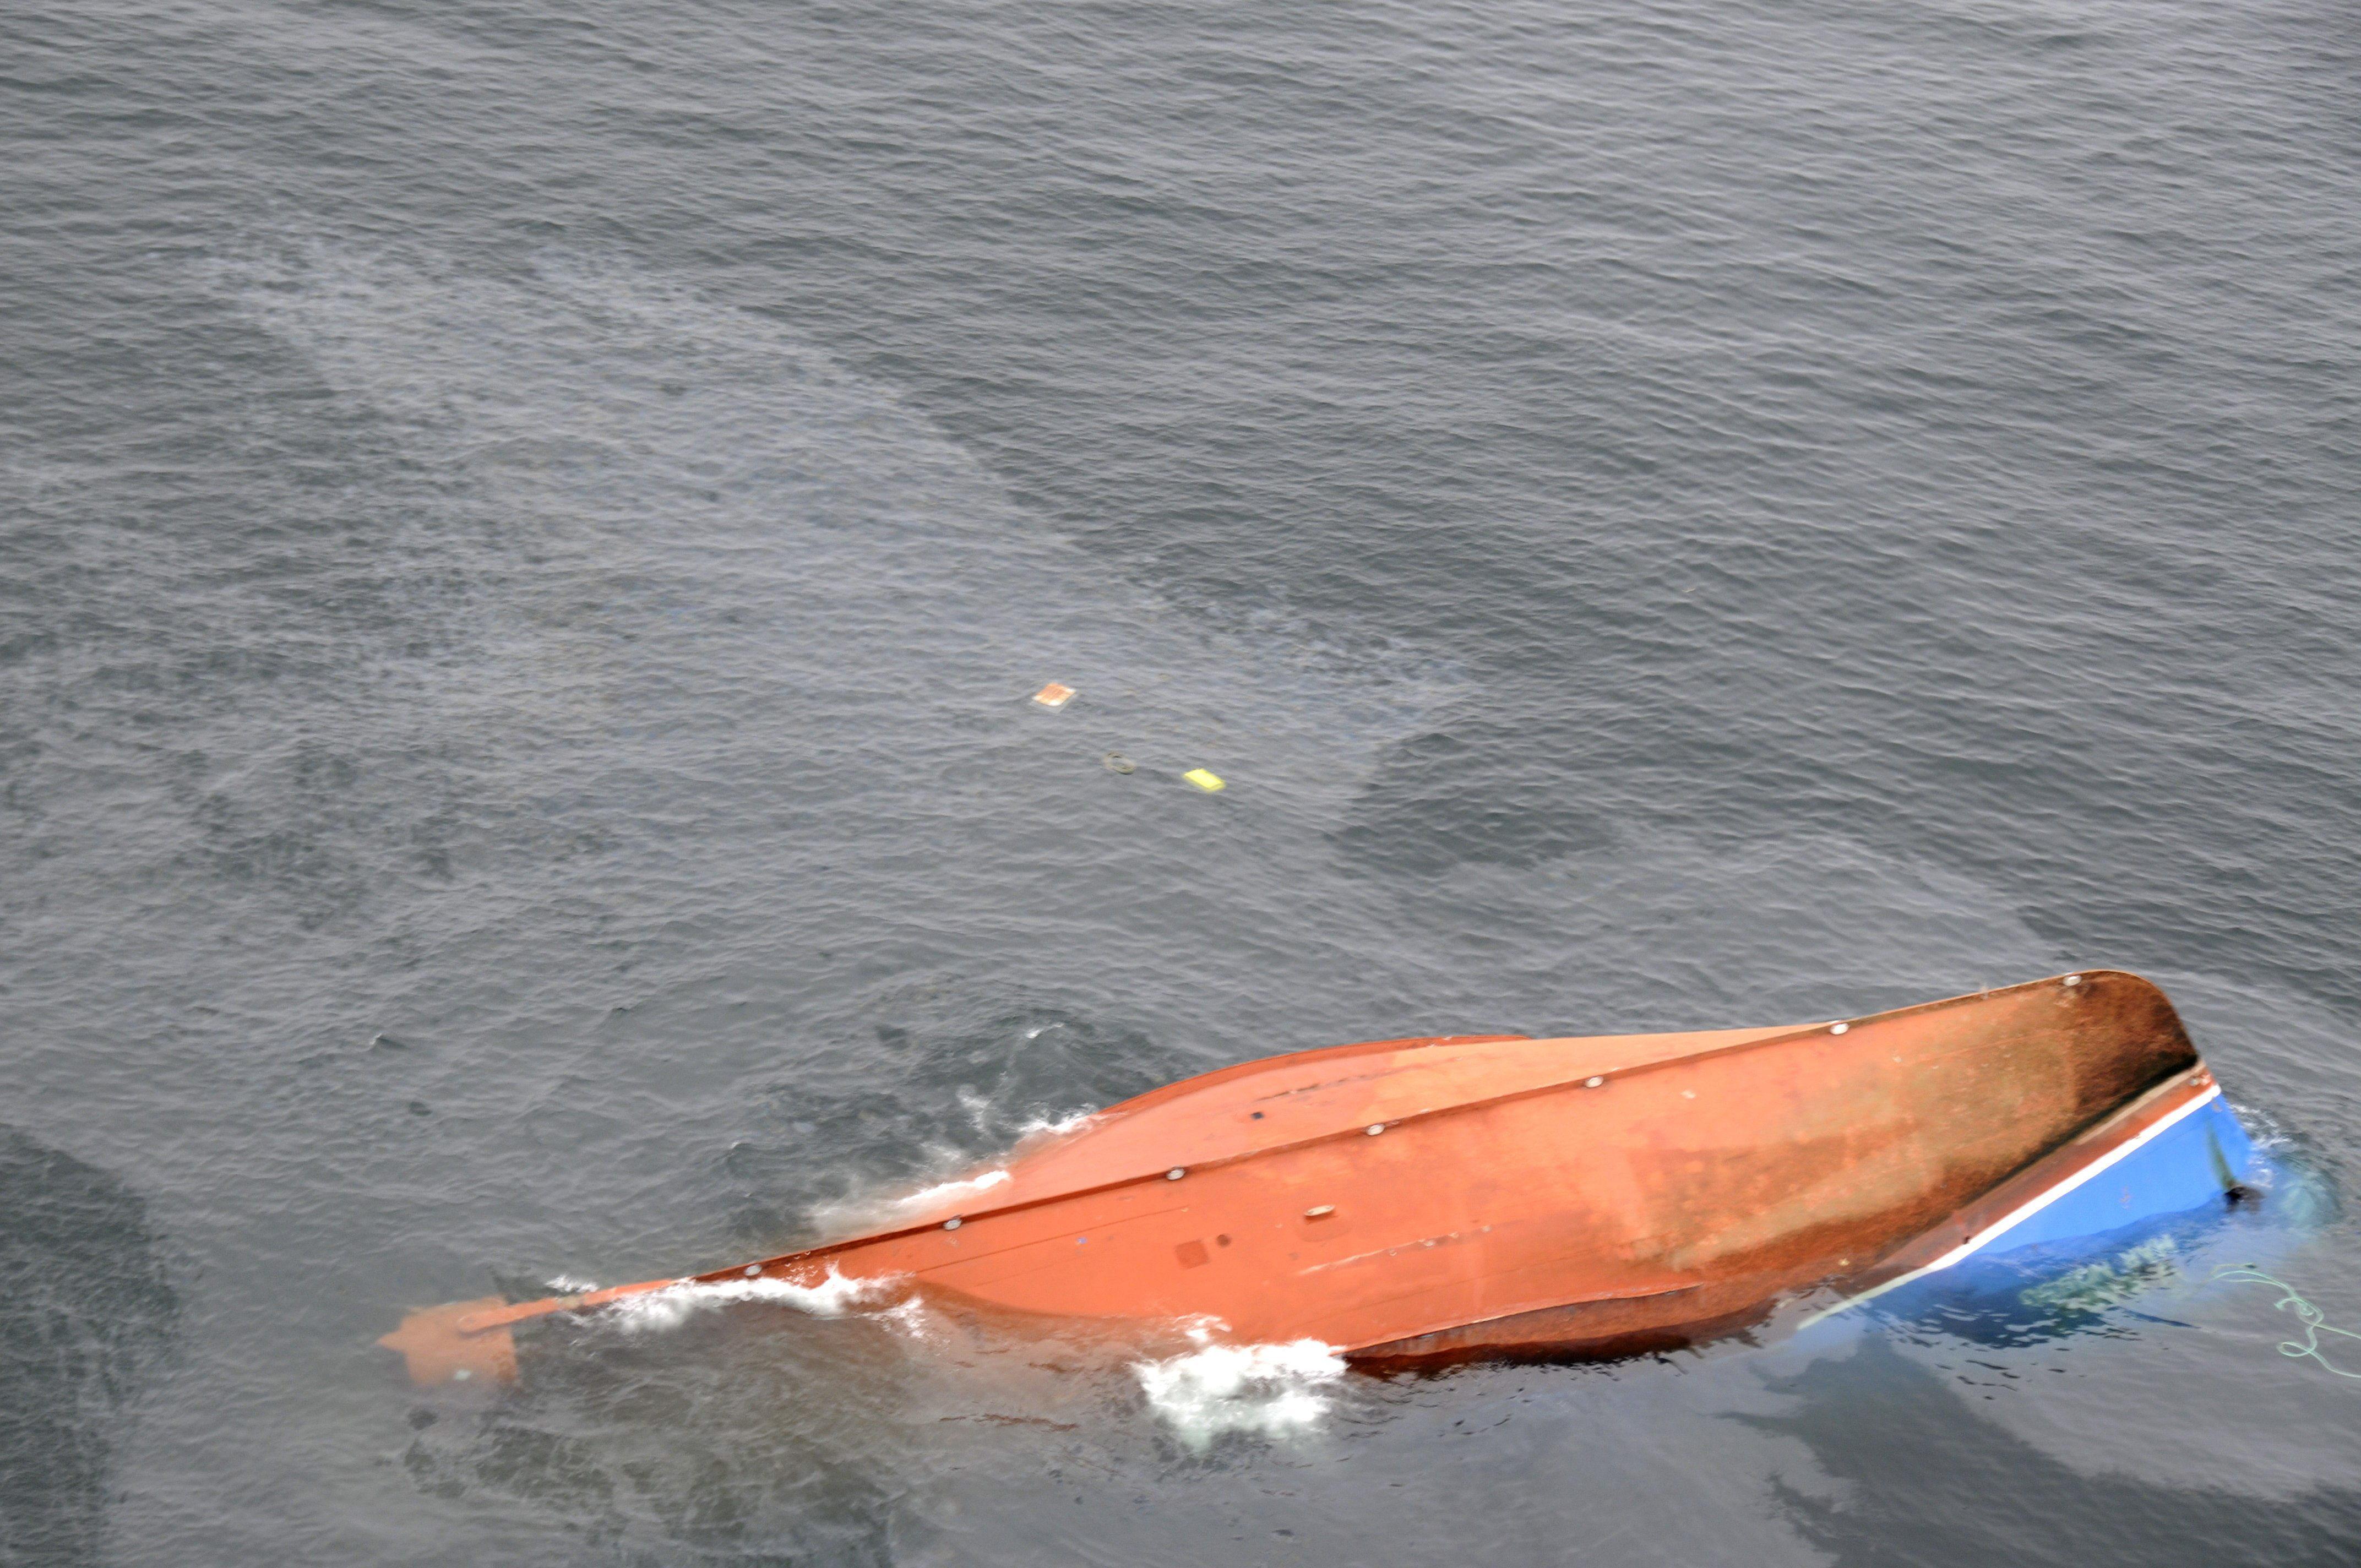 Continúa la búsqueda de los dos marineros desaparecidos en Asturias